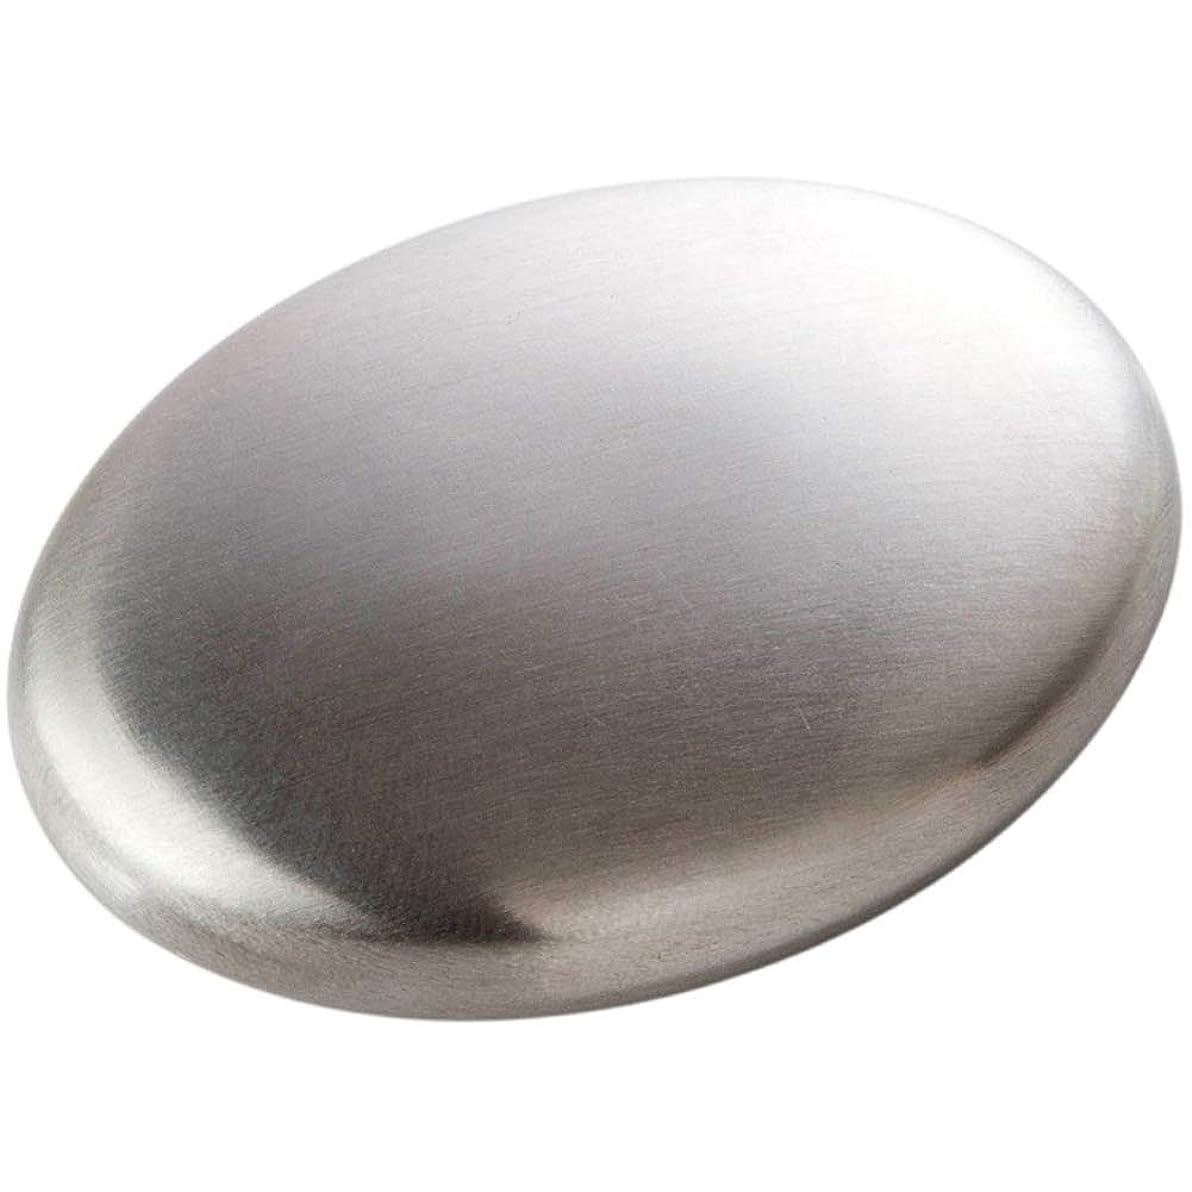 メキシコ高架鉄道せっけん ステンレス鋼 消臭 石鹸 にんにくと魚のような臭いを取り除き ステンレス鋼 臭気除去剤 匂い除去剤 最新型 人気 実用的 Cutelove